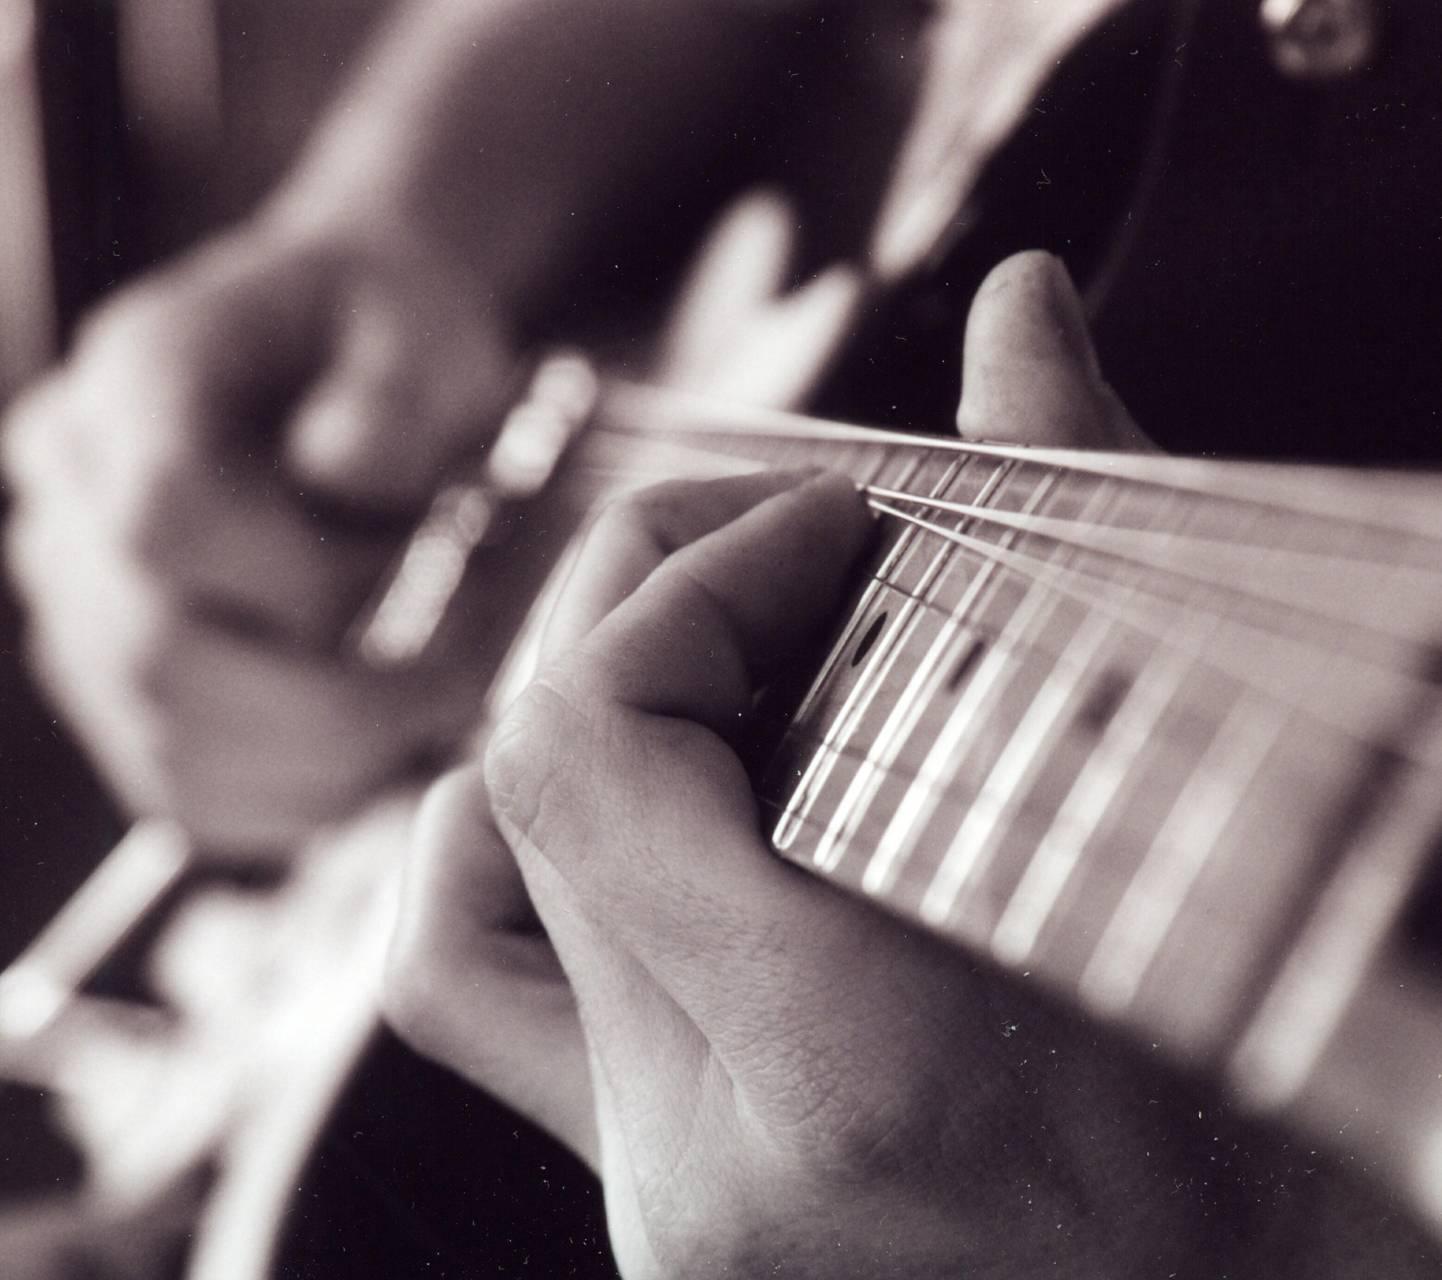 guitar hands 2